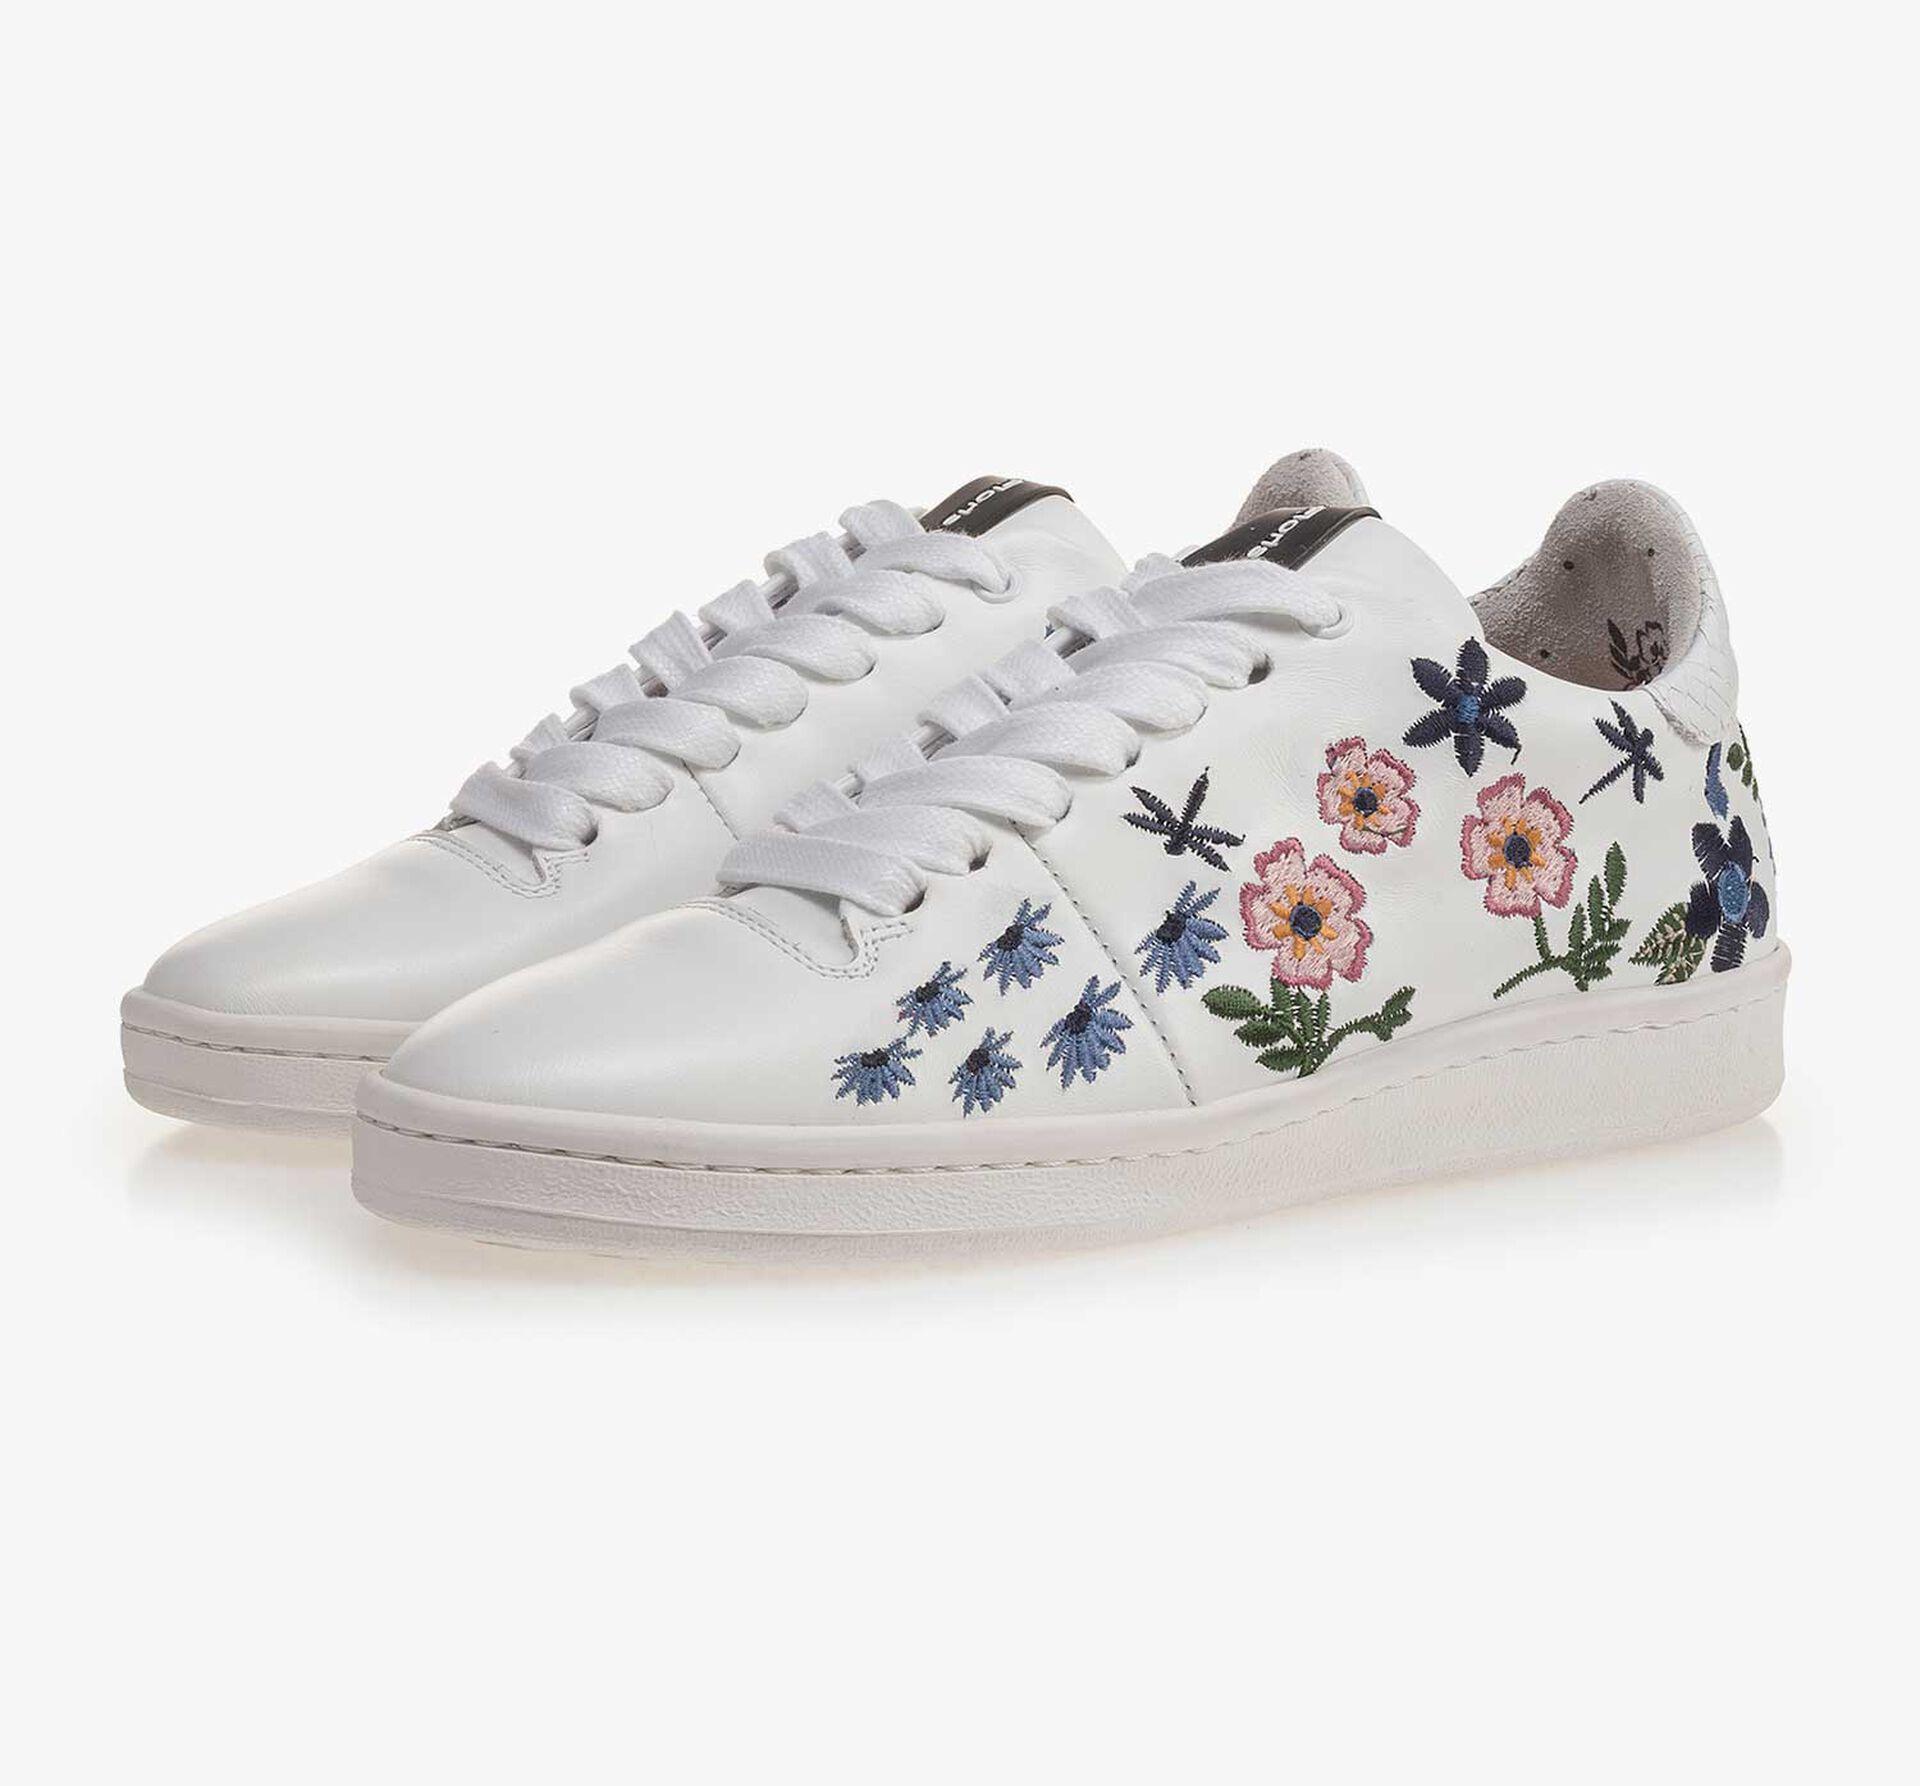 Witte leren sneaker met bloemen borduur